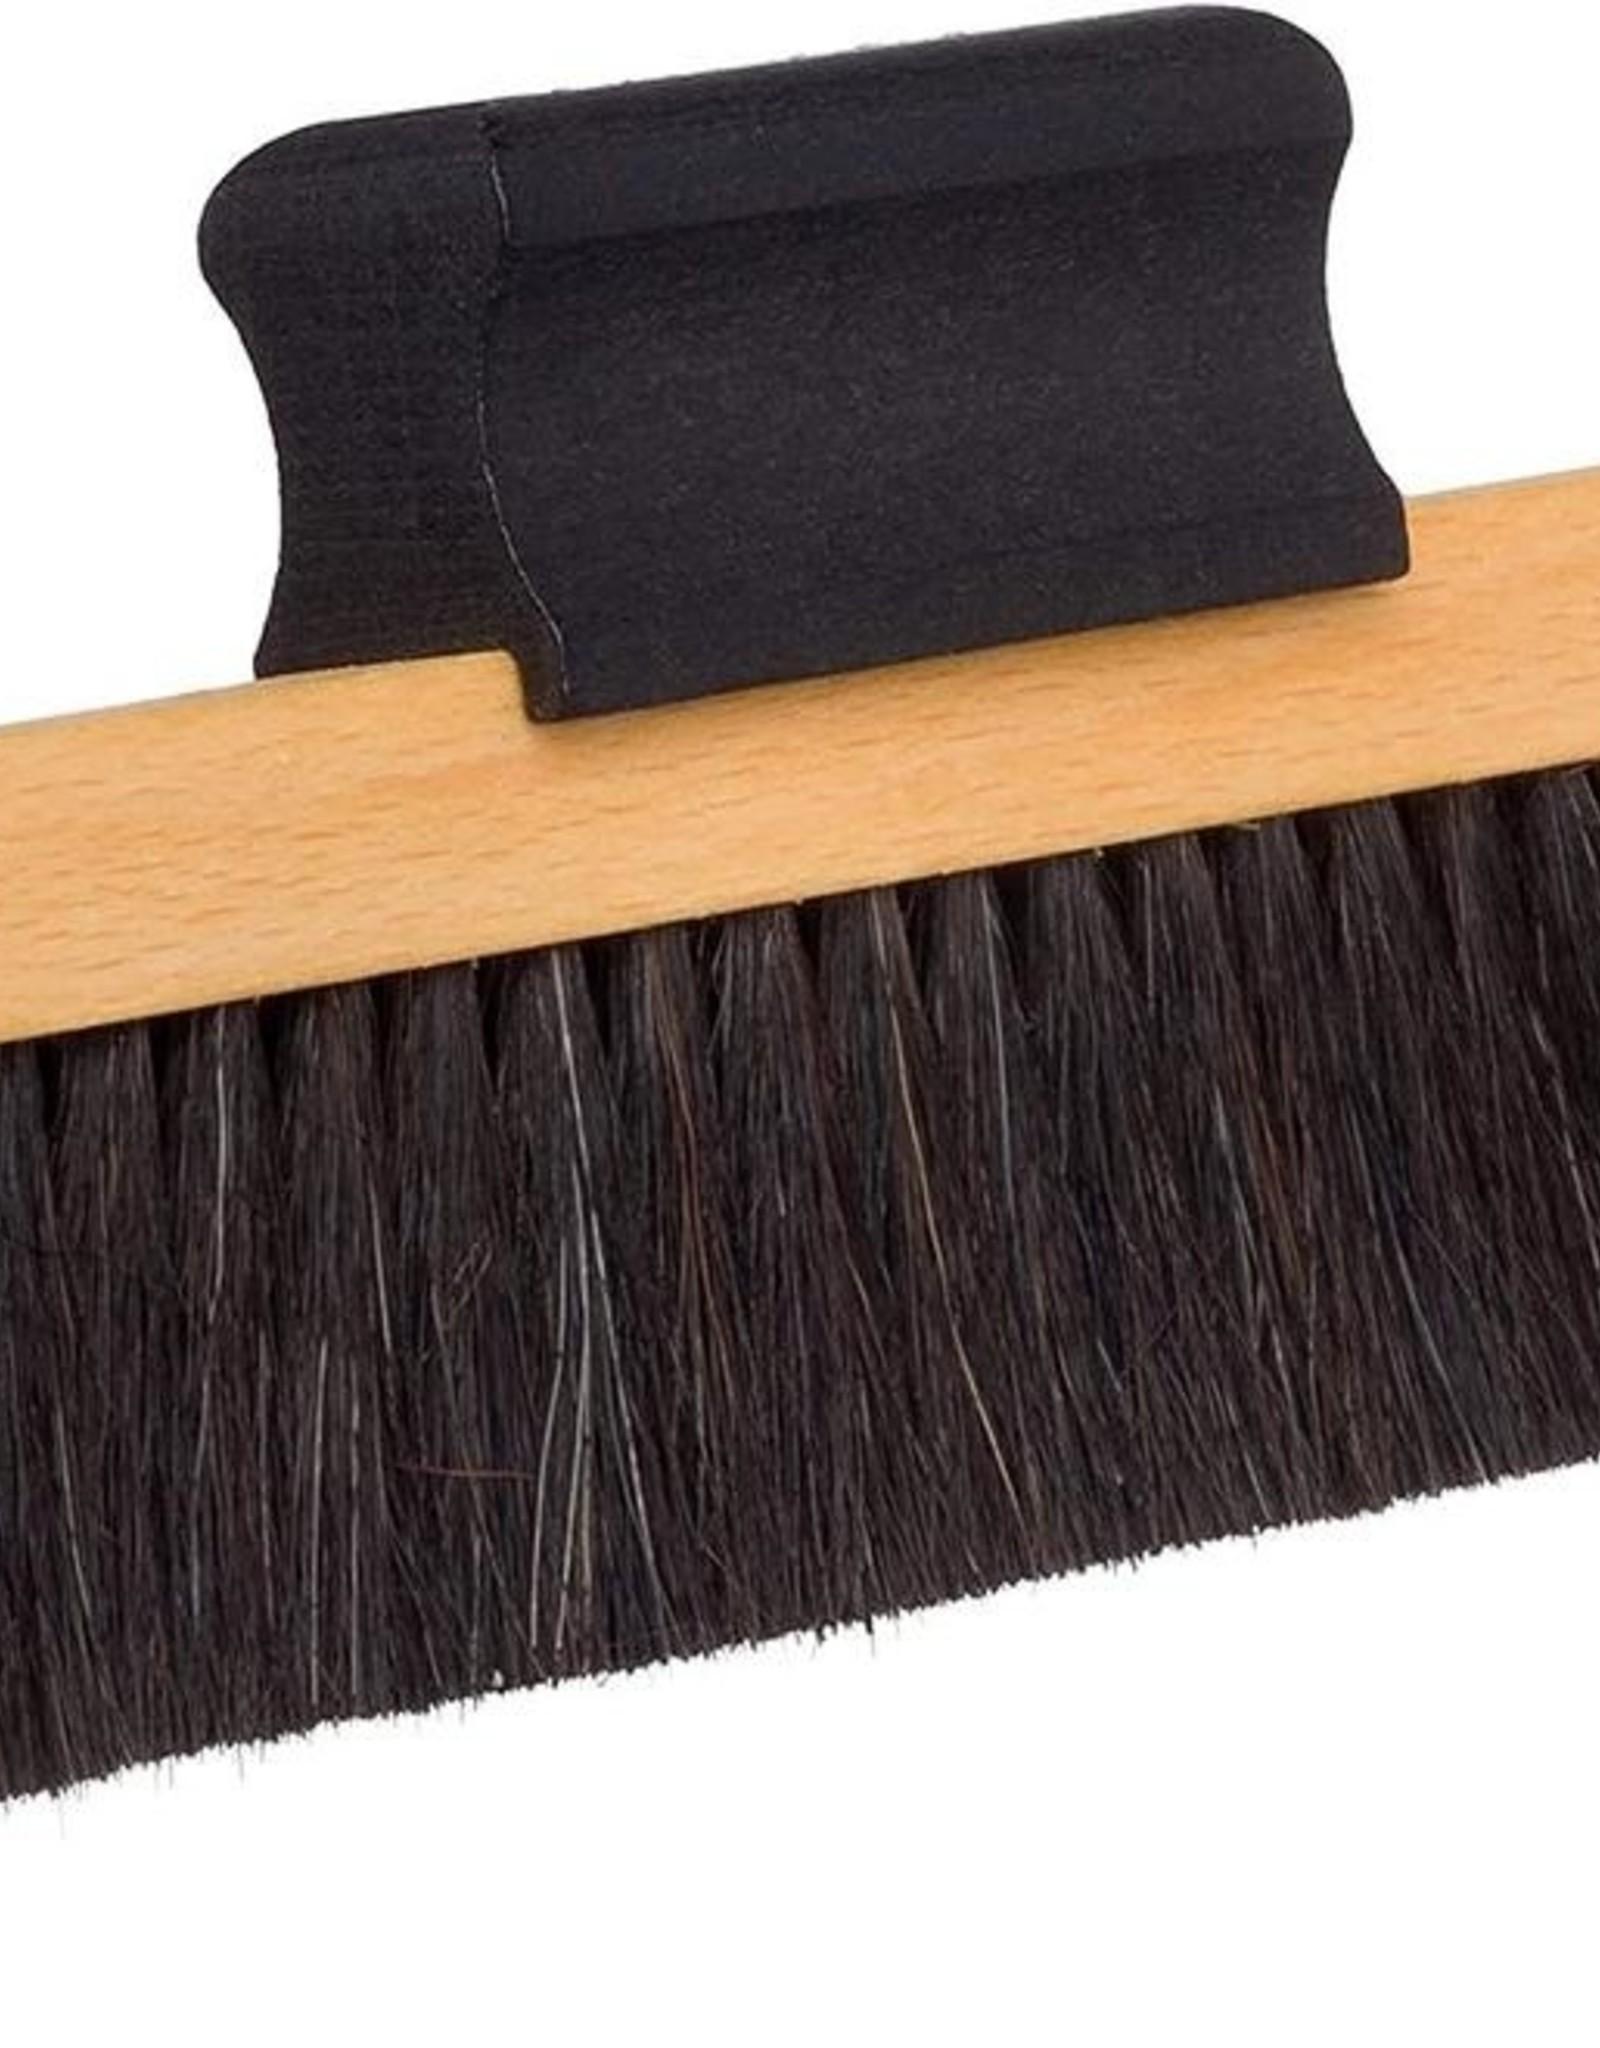 Redecker Redecker Record Brush